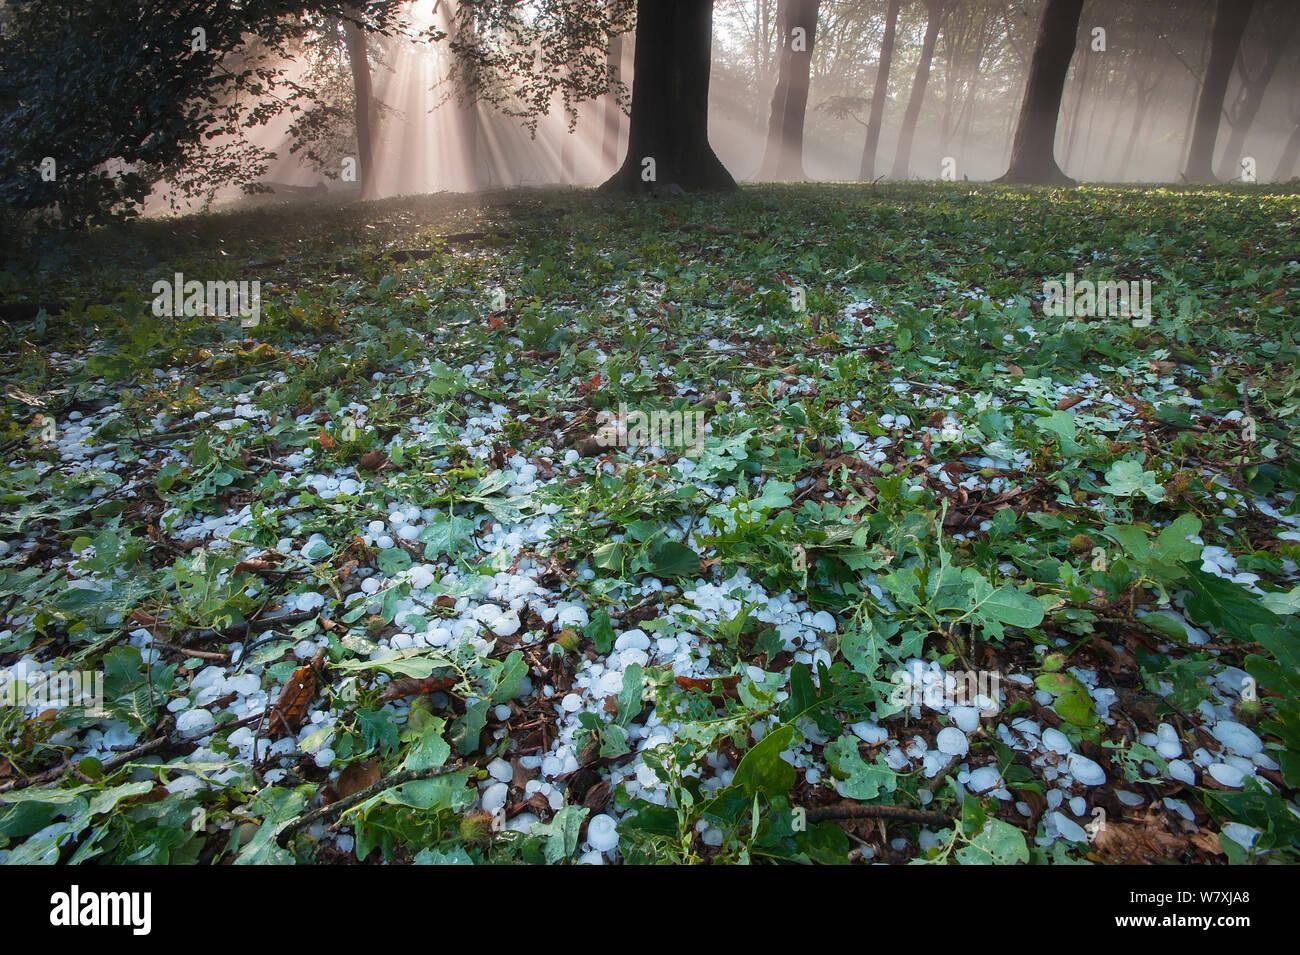 Rays of sunlight through mixed Beech (Fagus sp) / Oak (Quercus sp) forest after heavy downpour of hail, Peerdsbos, Brasschaat, Belgium, June 2014. Stock Photo